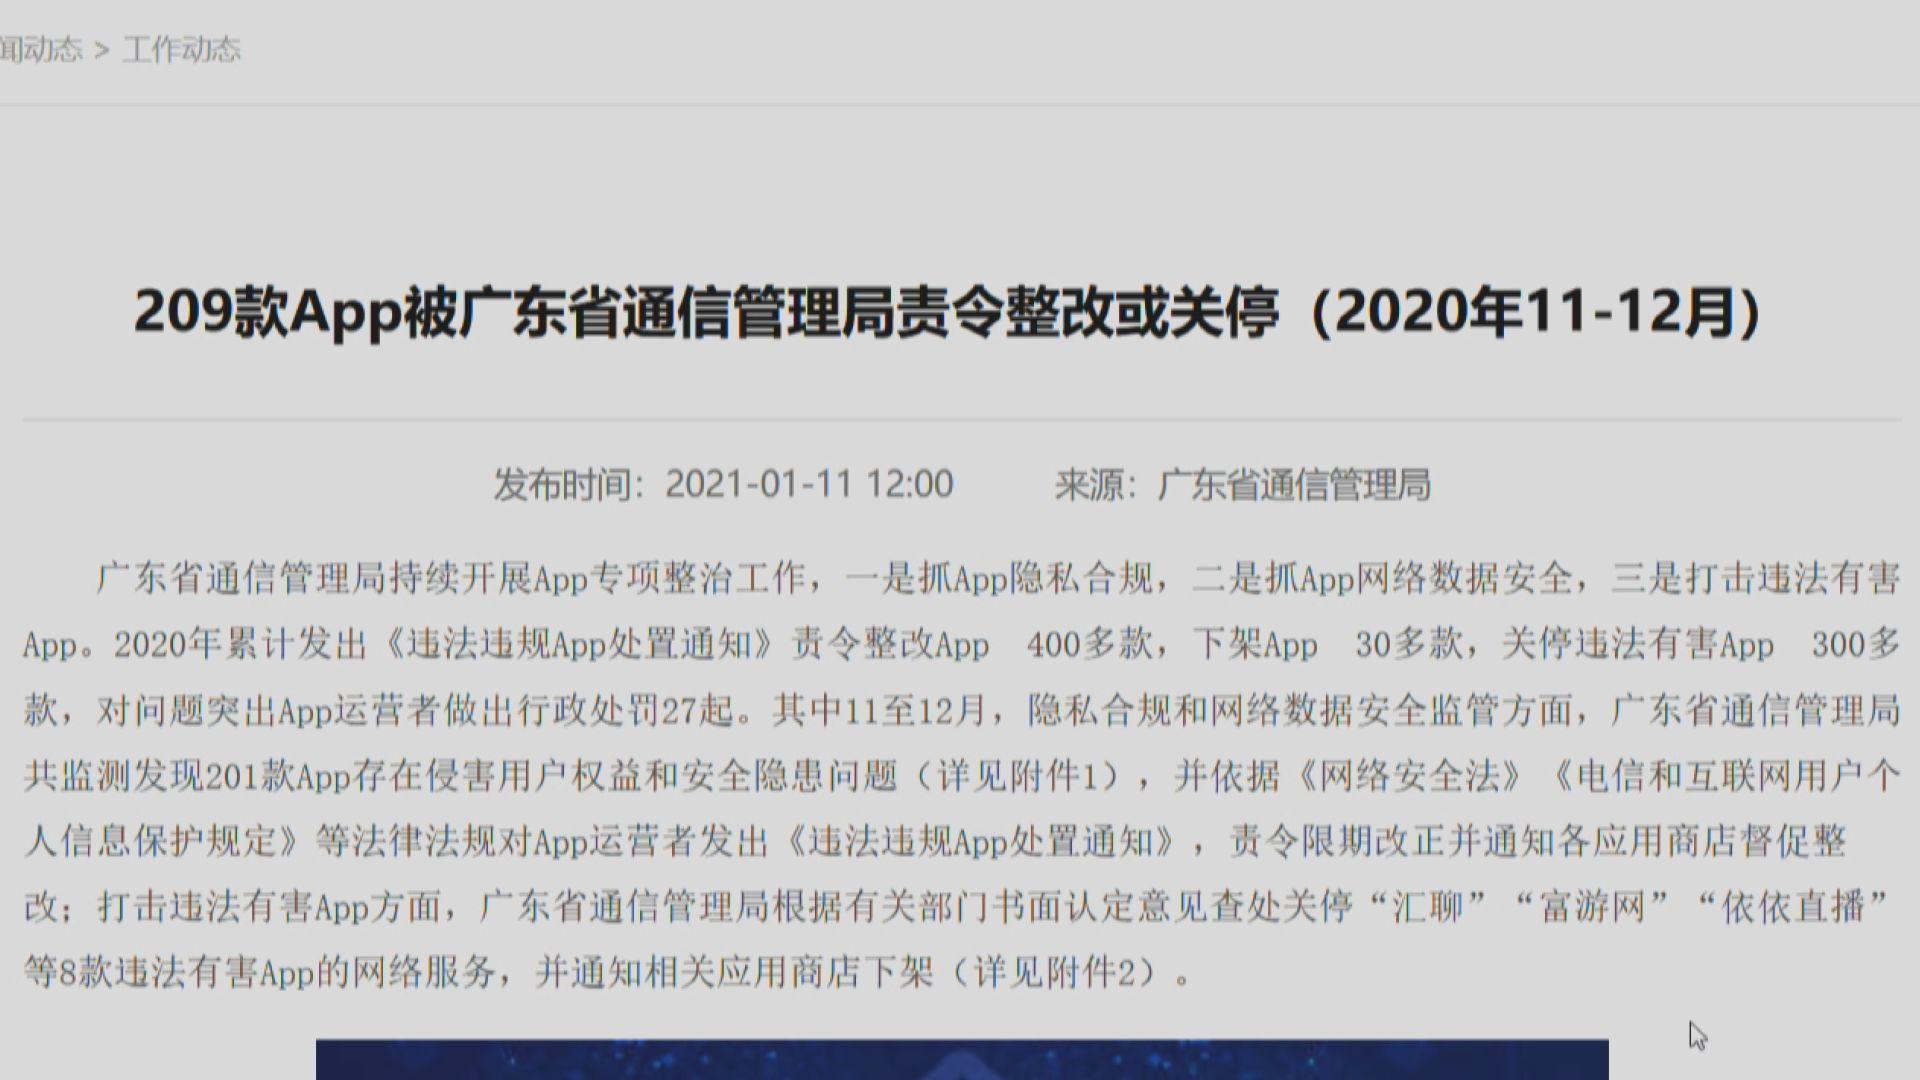 廣東要求209款手機應用程式整改或停運